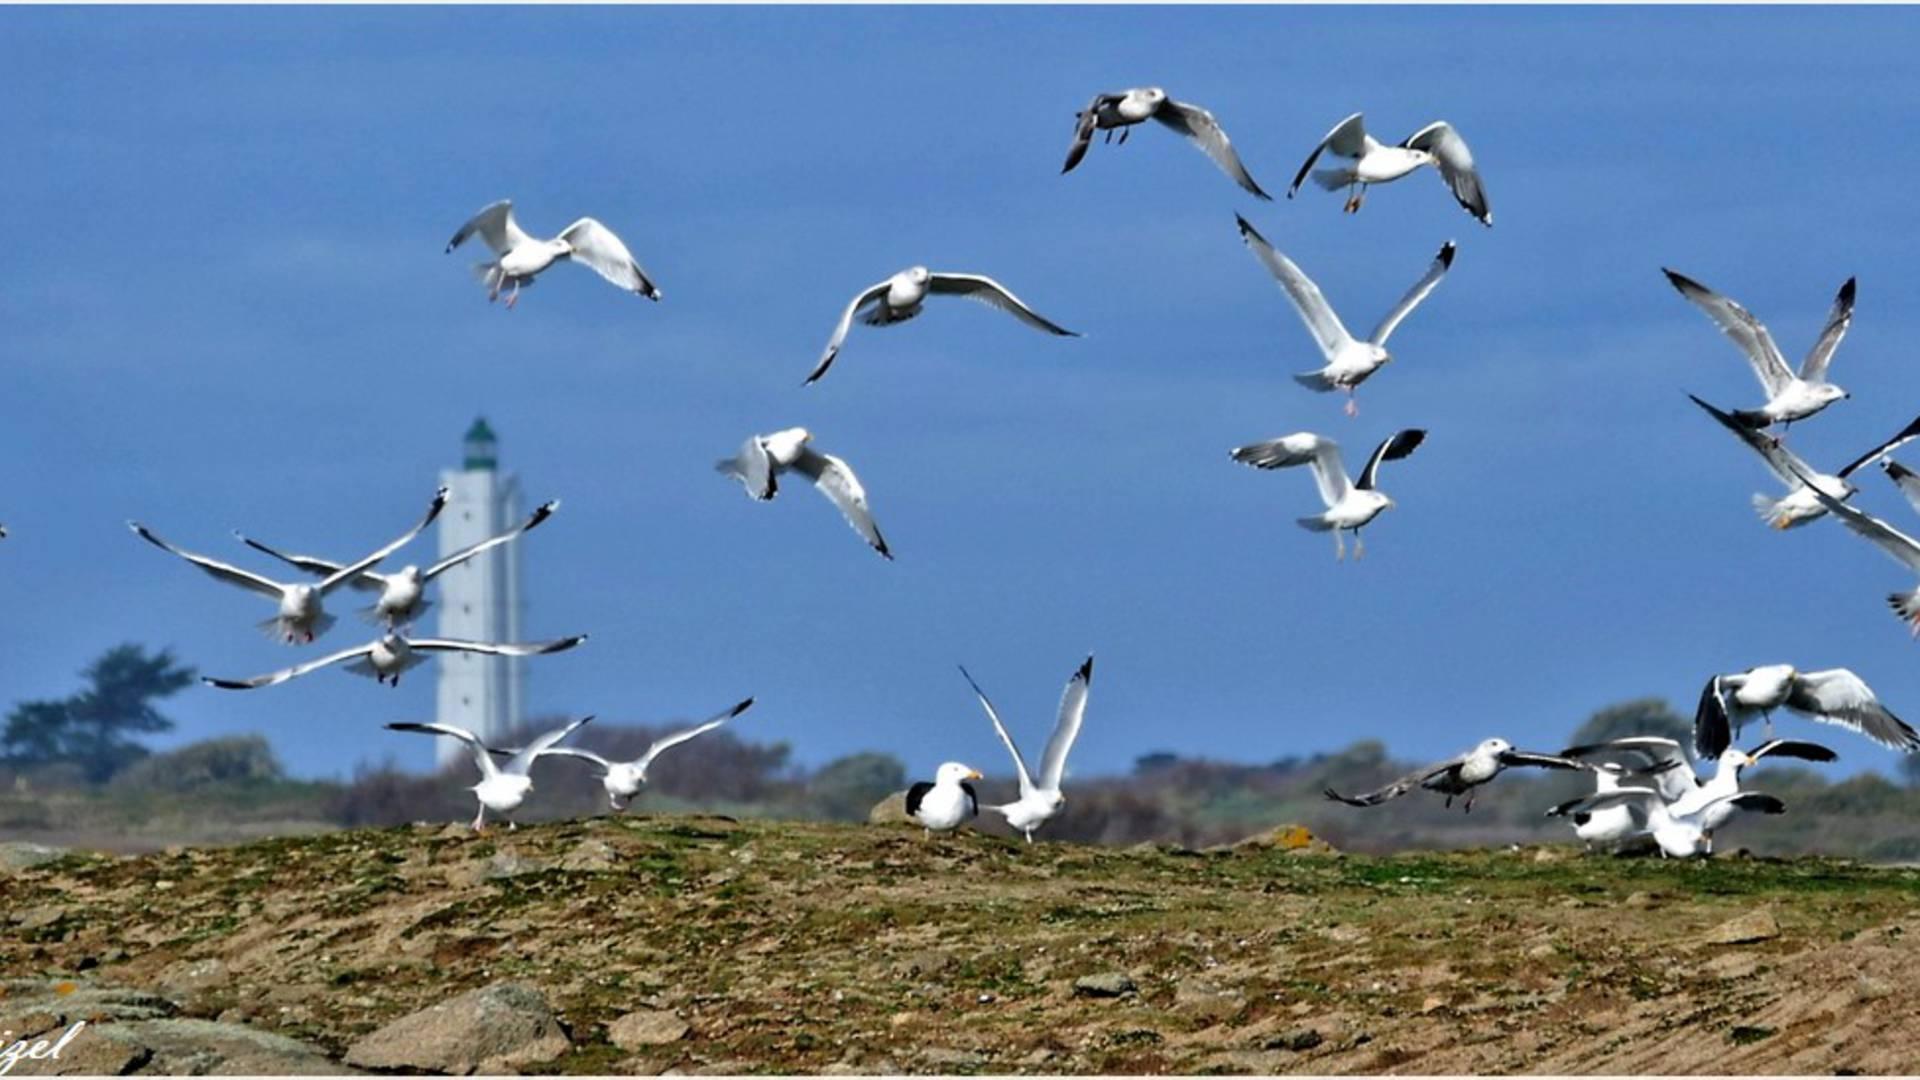 Grand phare de l'île d'Yeu - Office de Tourisme de l'île d'yeu Vendée © Luna Troizel